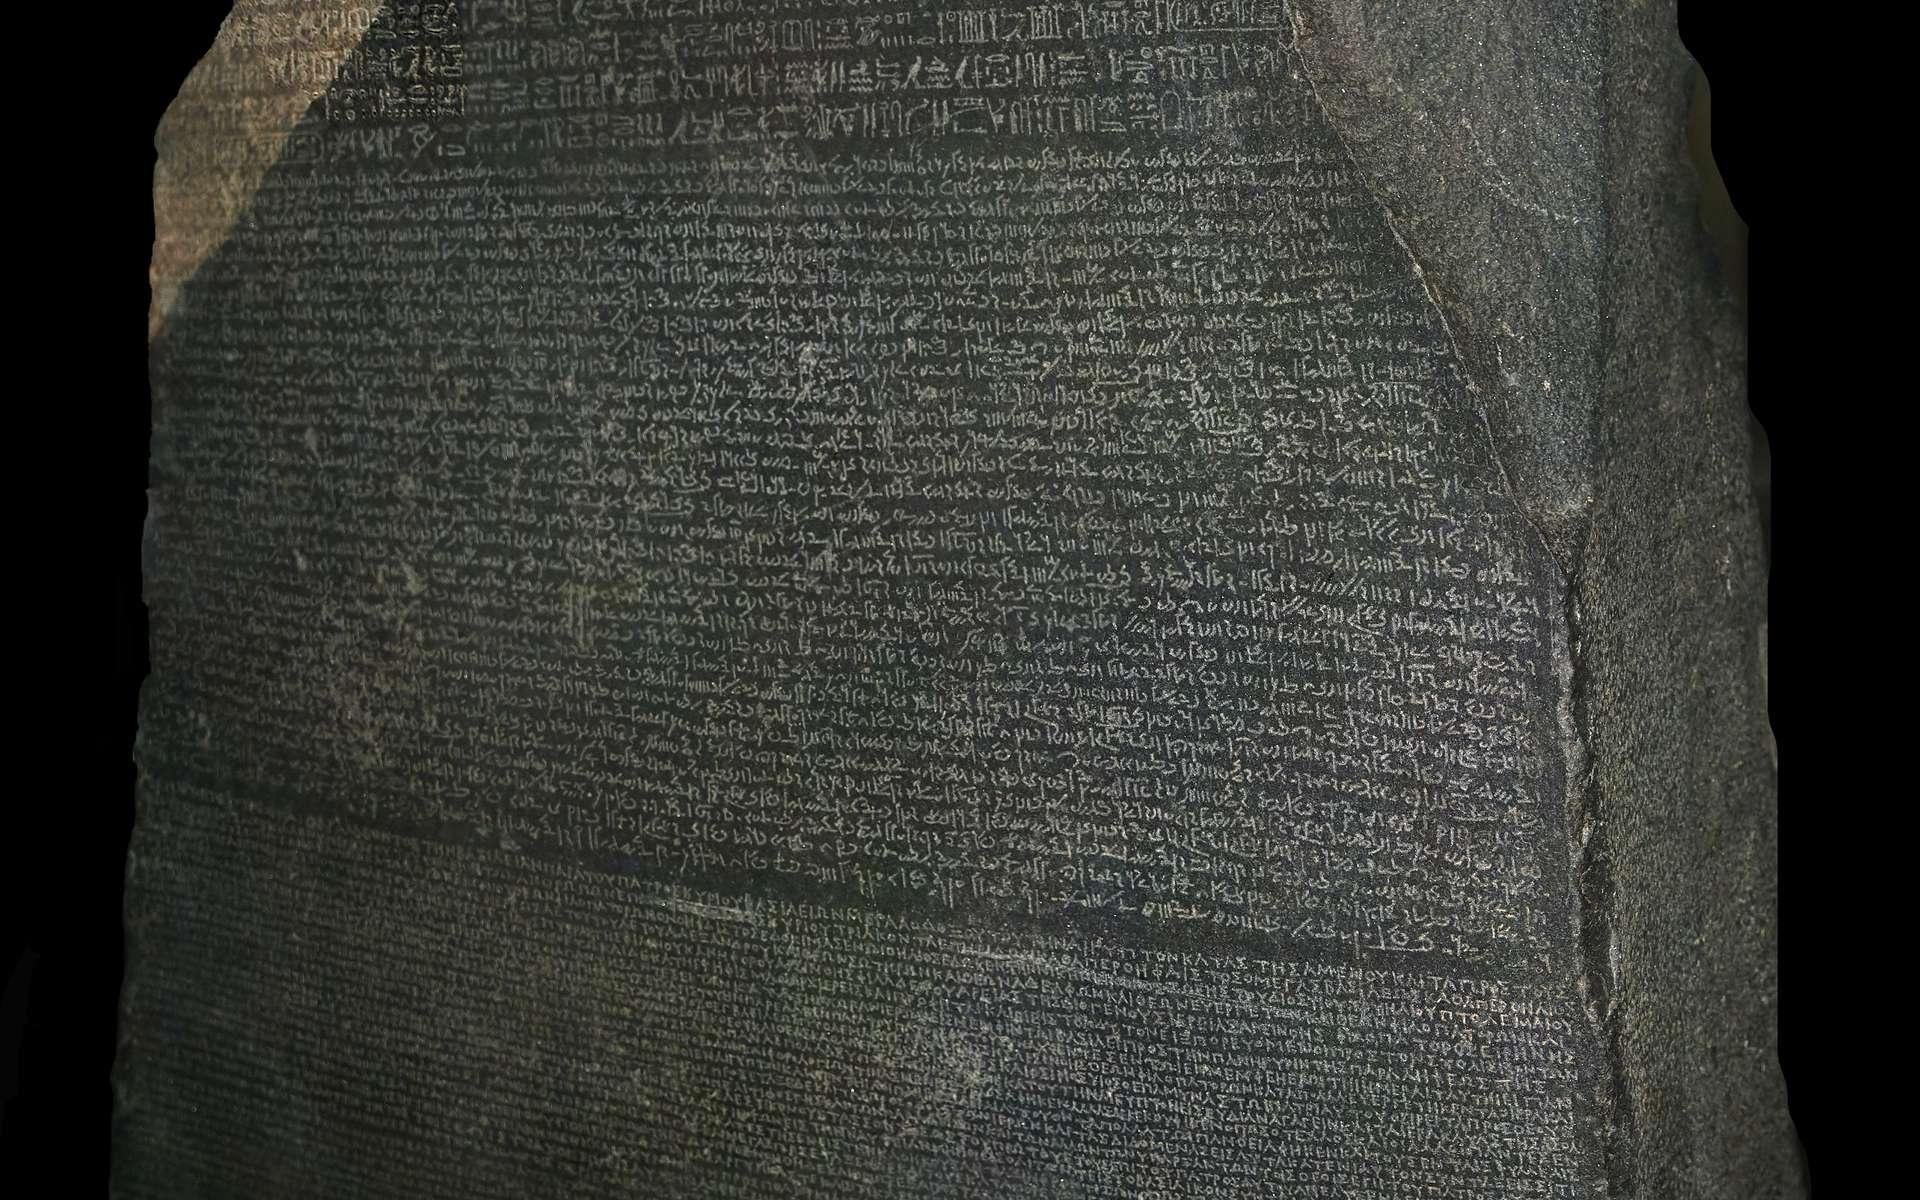 Mesurant environ 1 mètre de haut sur 70 centimètres de large et d'une épaisseur de 28 centimètres, la pierre de Rosette est exposée au British Museum © Hans Hillewaert, Wikimedia Commons, CC by-sa 3.0